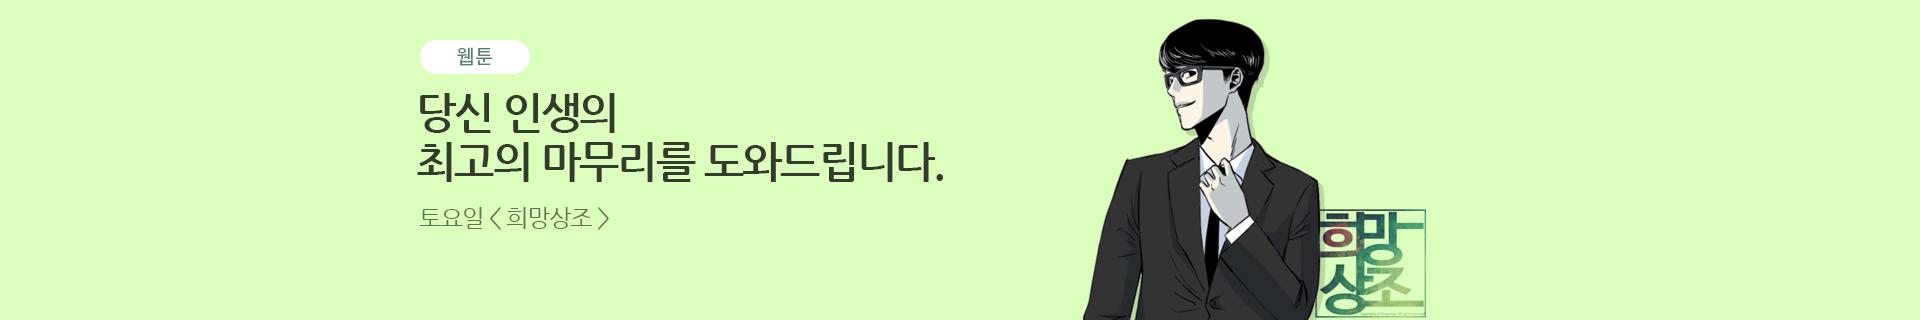 PC_sub_bn_웹툰_희망상조_1920x320_(연두).jpg